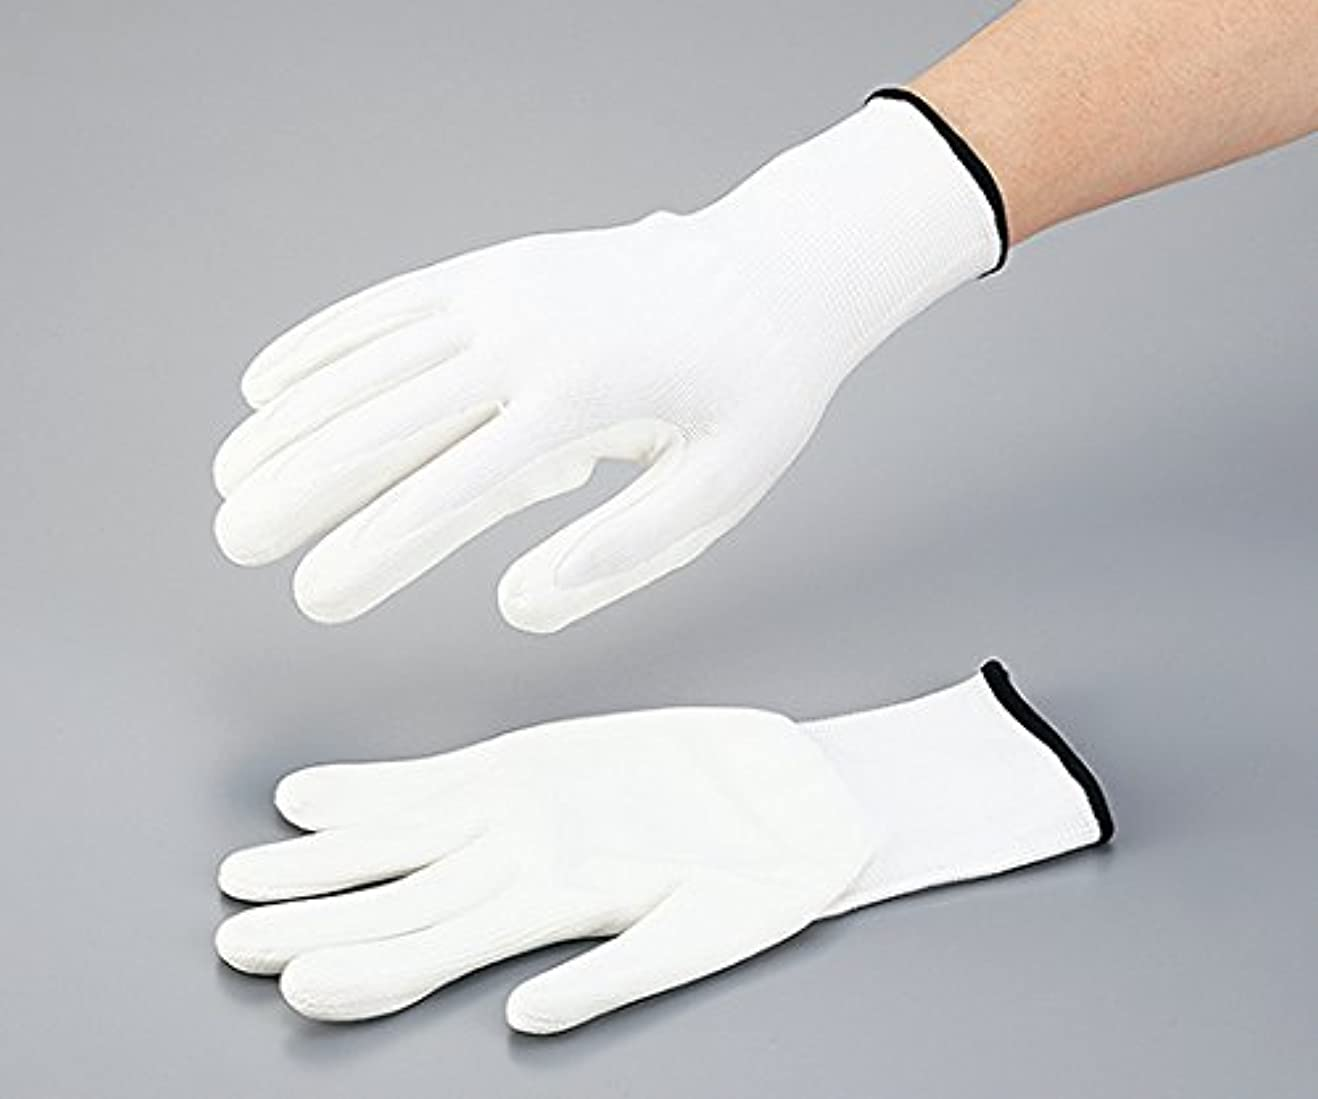 ほんのどこでもひばりアズワン3-6428-01水溶性PUコート耐切創手袋(カットクラス3)XL